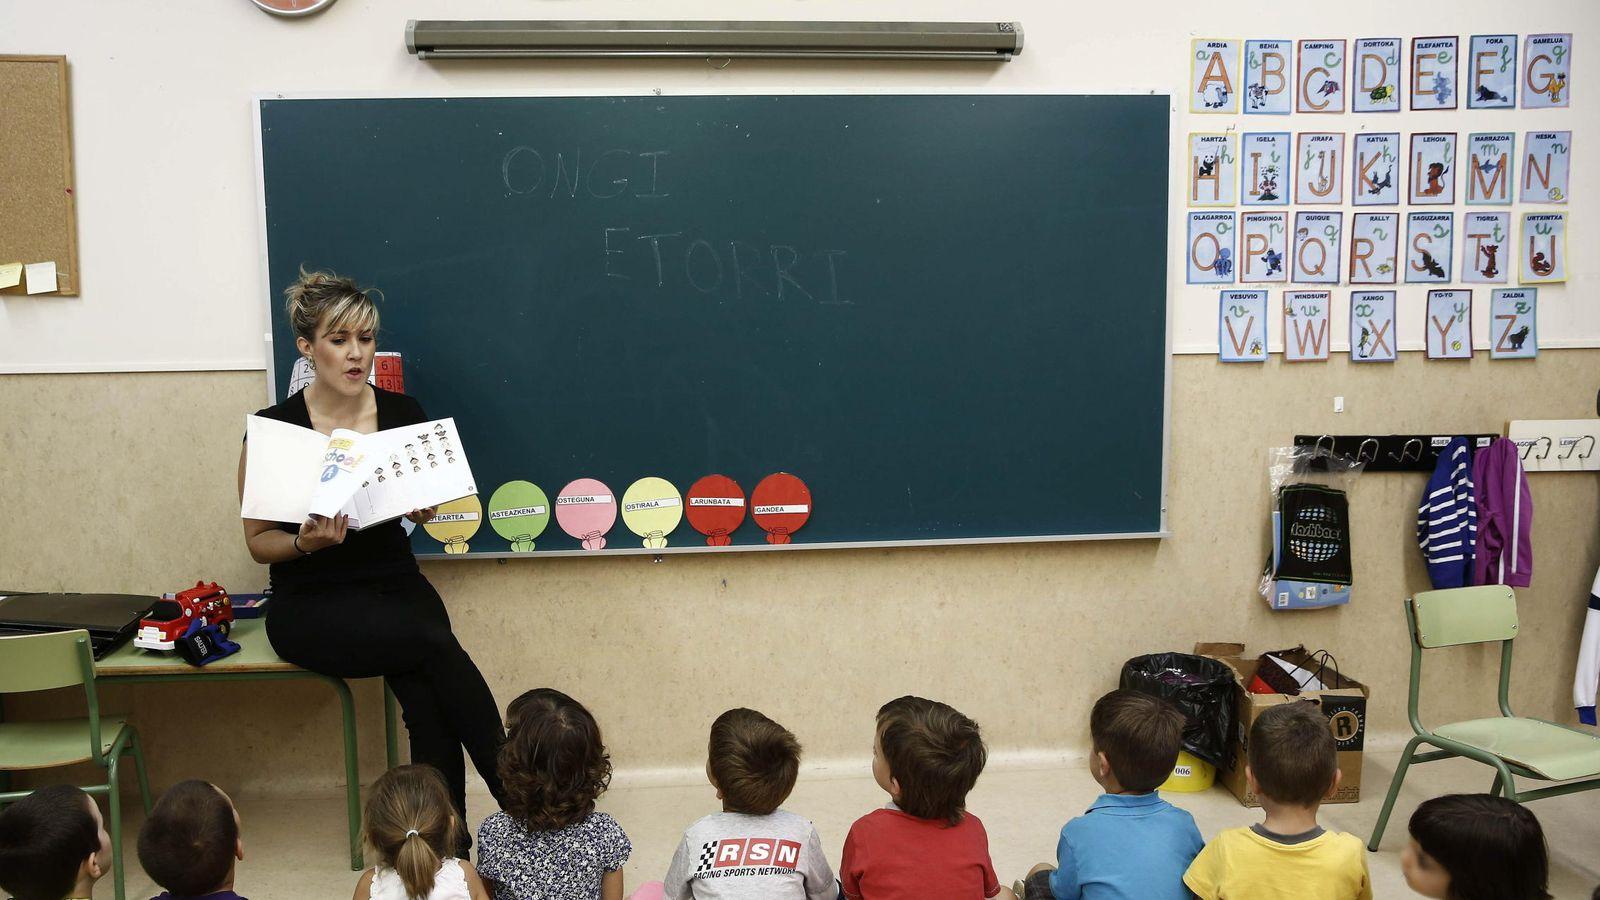 Foto: Una profesora da la bienvenida a sus alumnos en un aula de un colegio publico. (EFE)